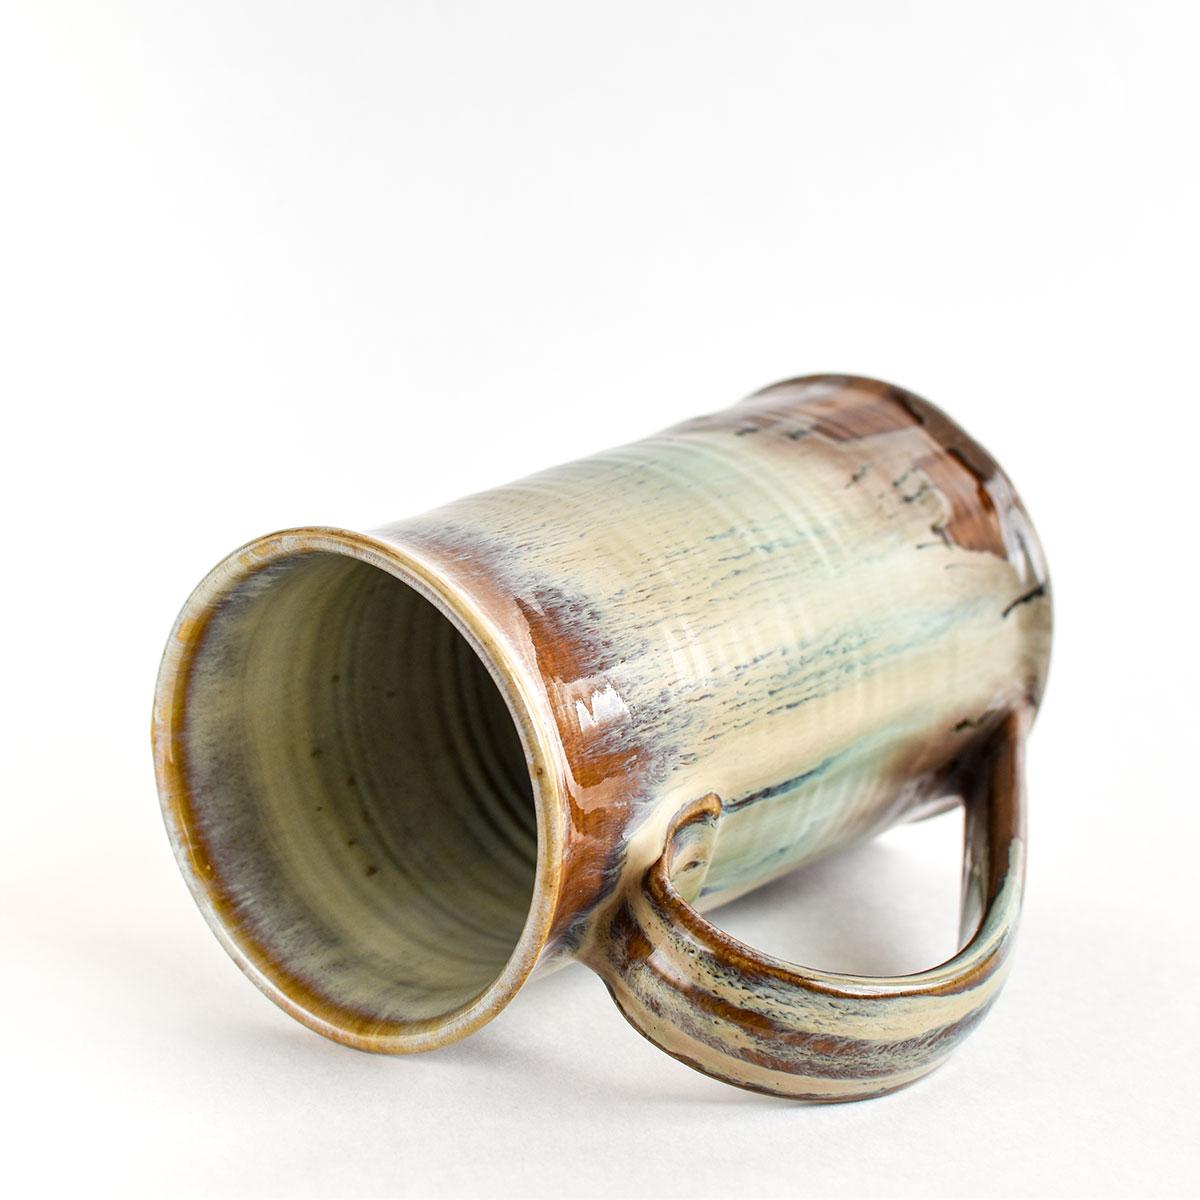 картинка Яркая пивная кружка ручной работы бежевая - DishWishes.Ru